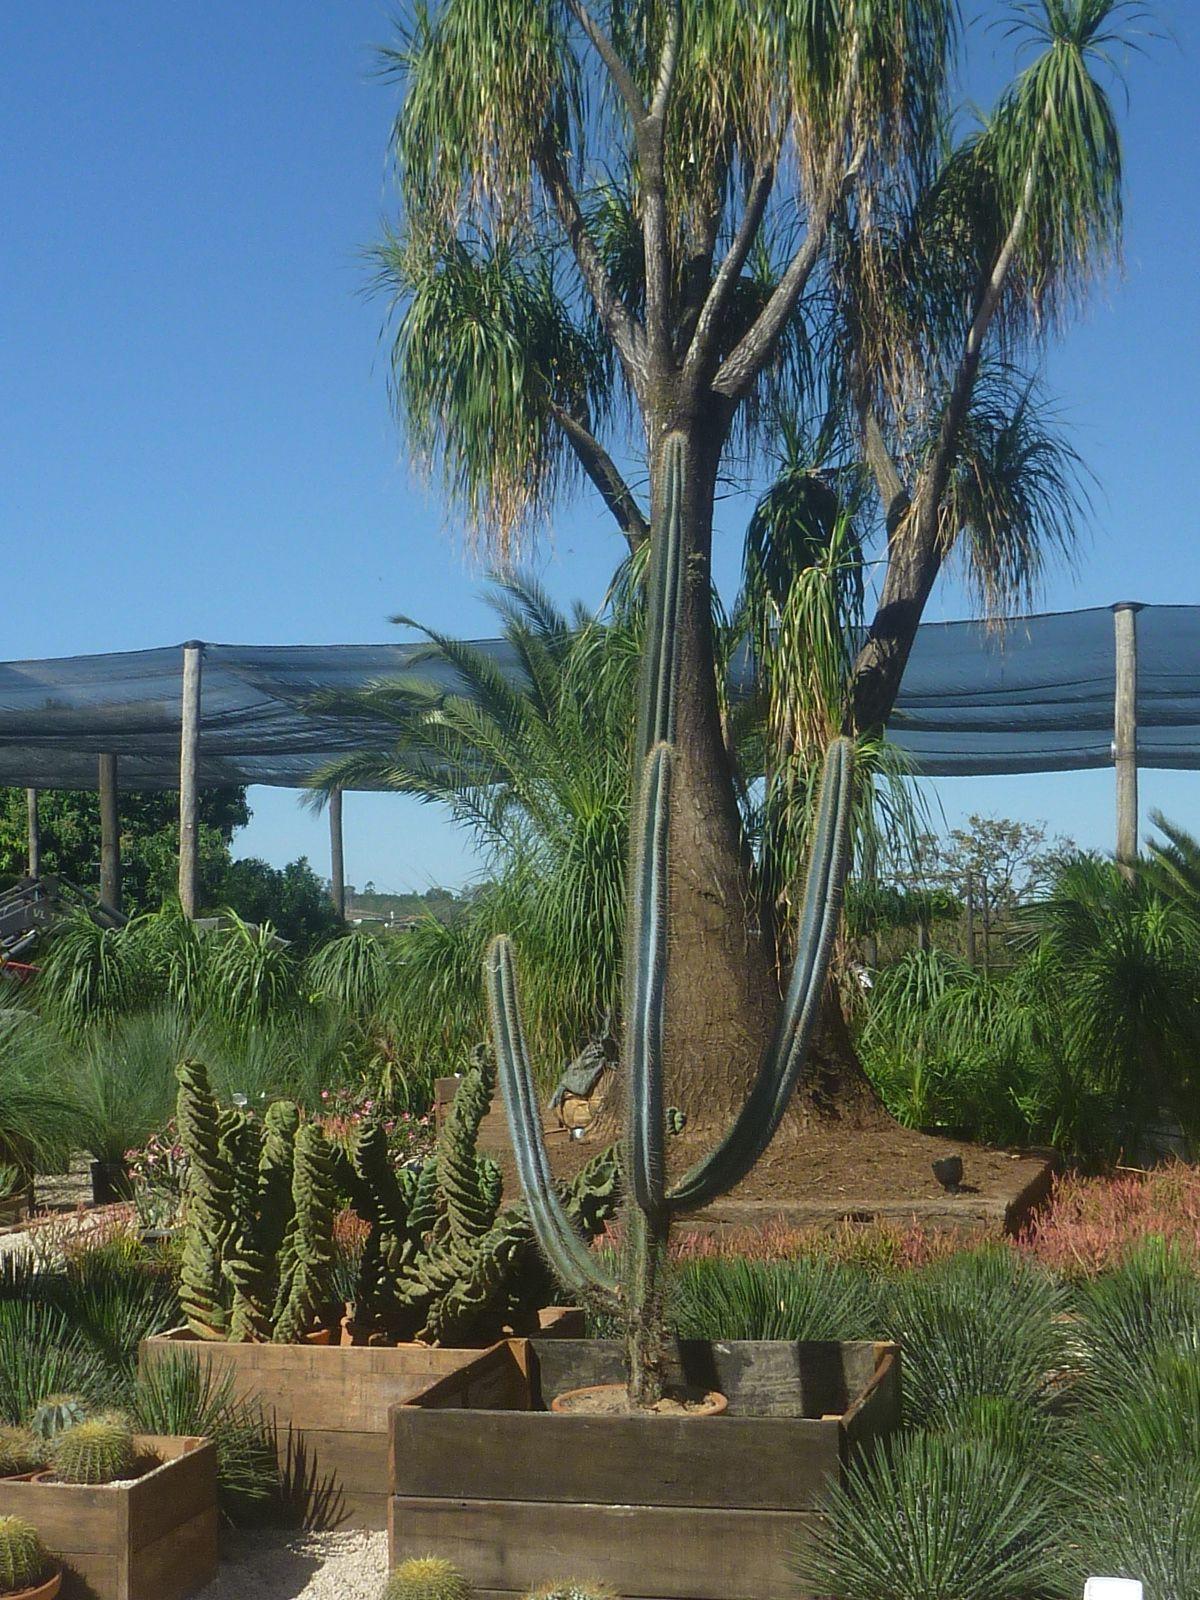 Beaucarnea recurvata pata de elefante jardim plantas - Planta pata de elefante ...